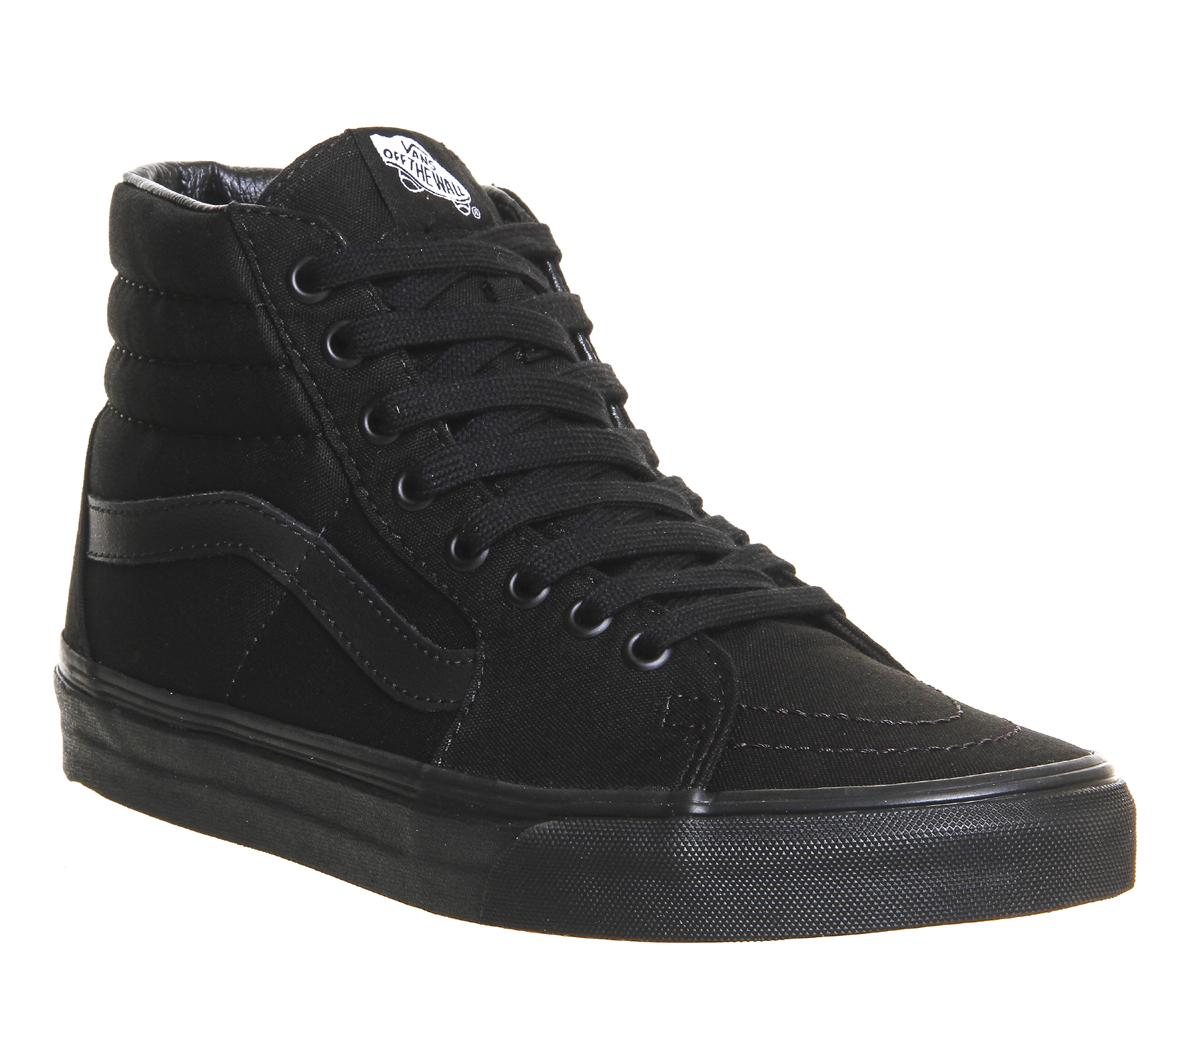 scarpe vans donna alte nere